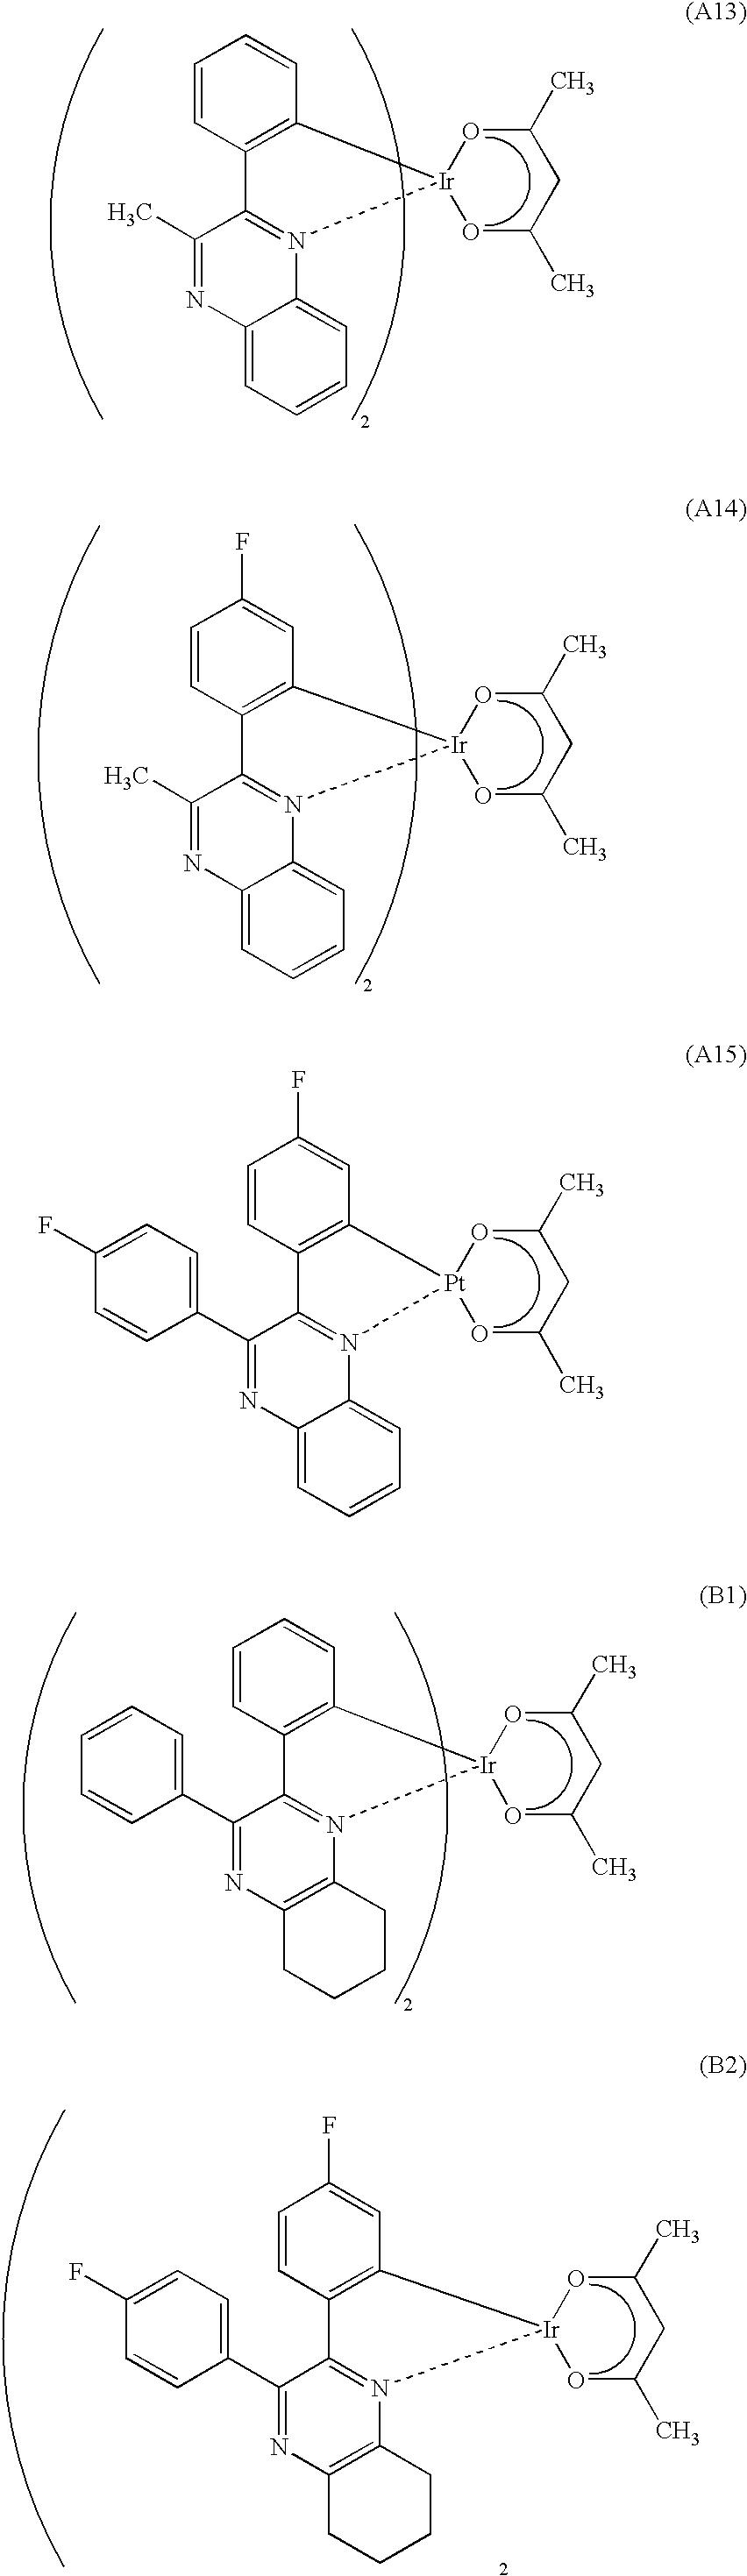 Figure US20100059741A1-20100311-C00004